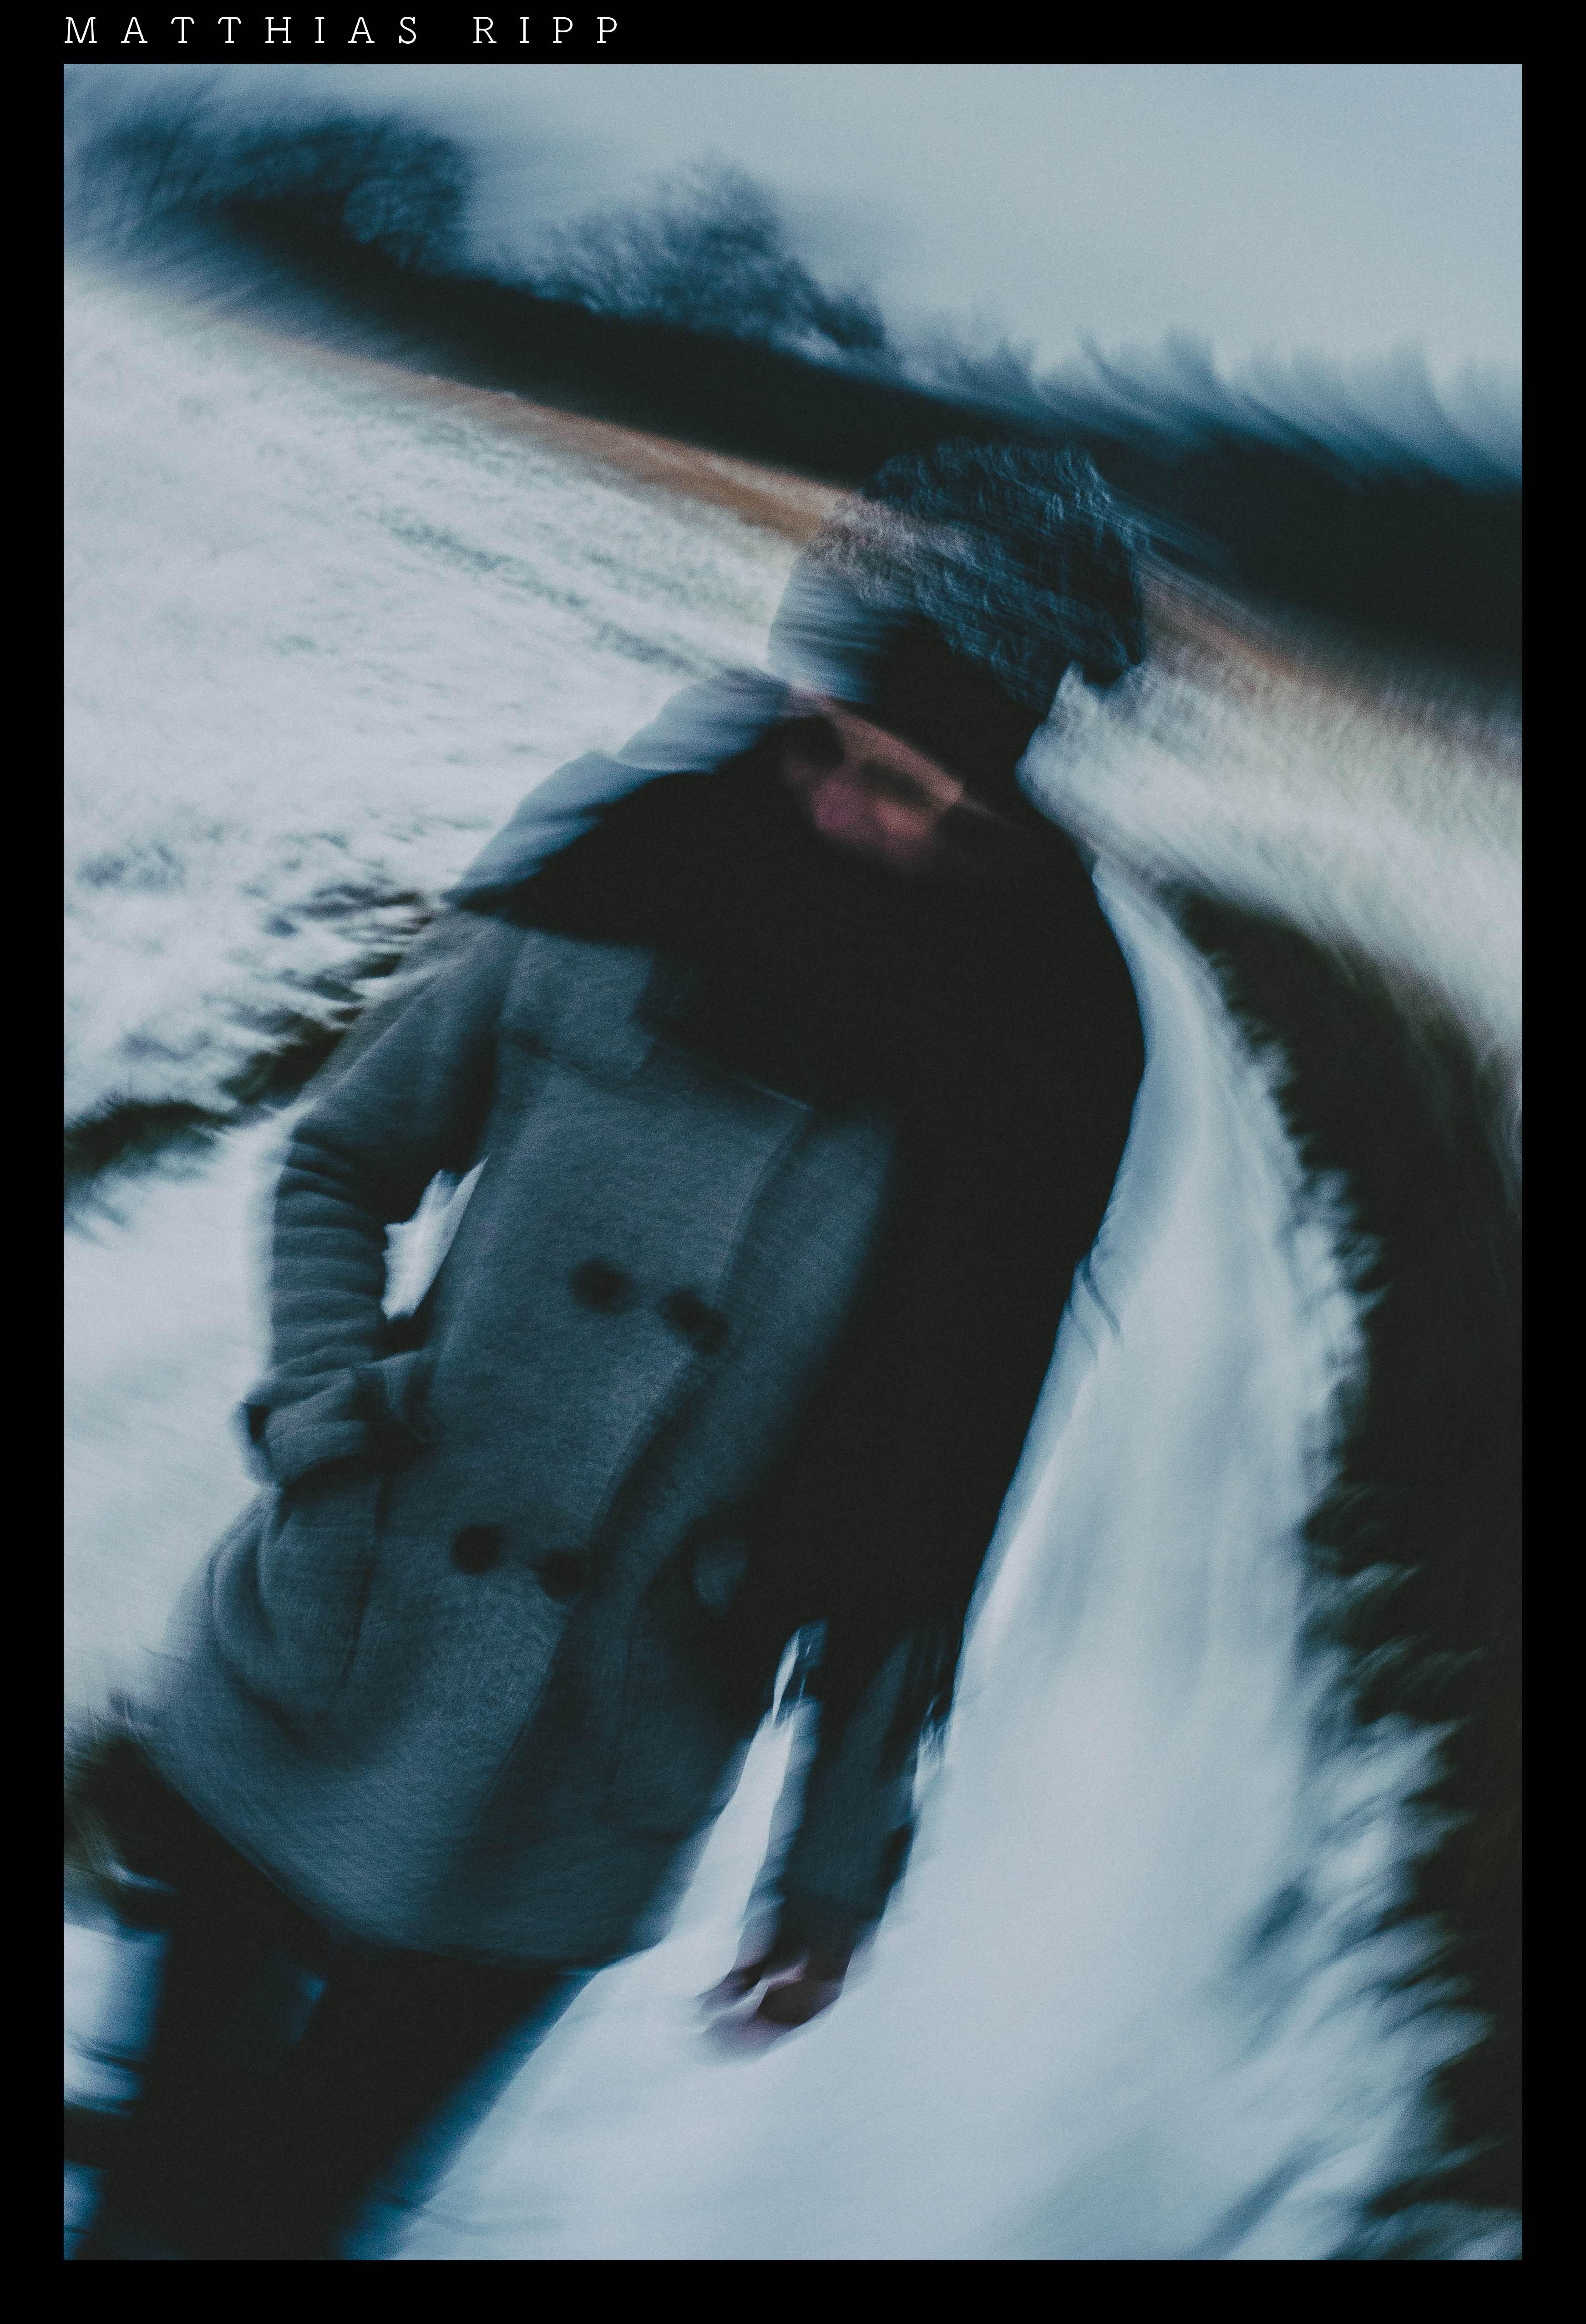 Kostenlose foto : Landschaft, Schnee, Winter, Straße, Jahrgang, warm ...